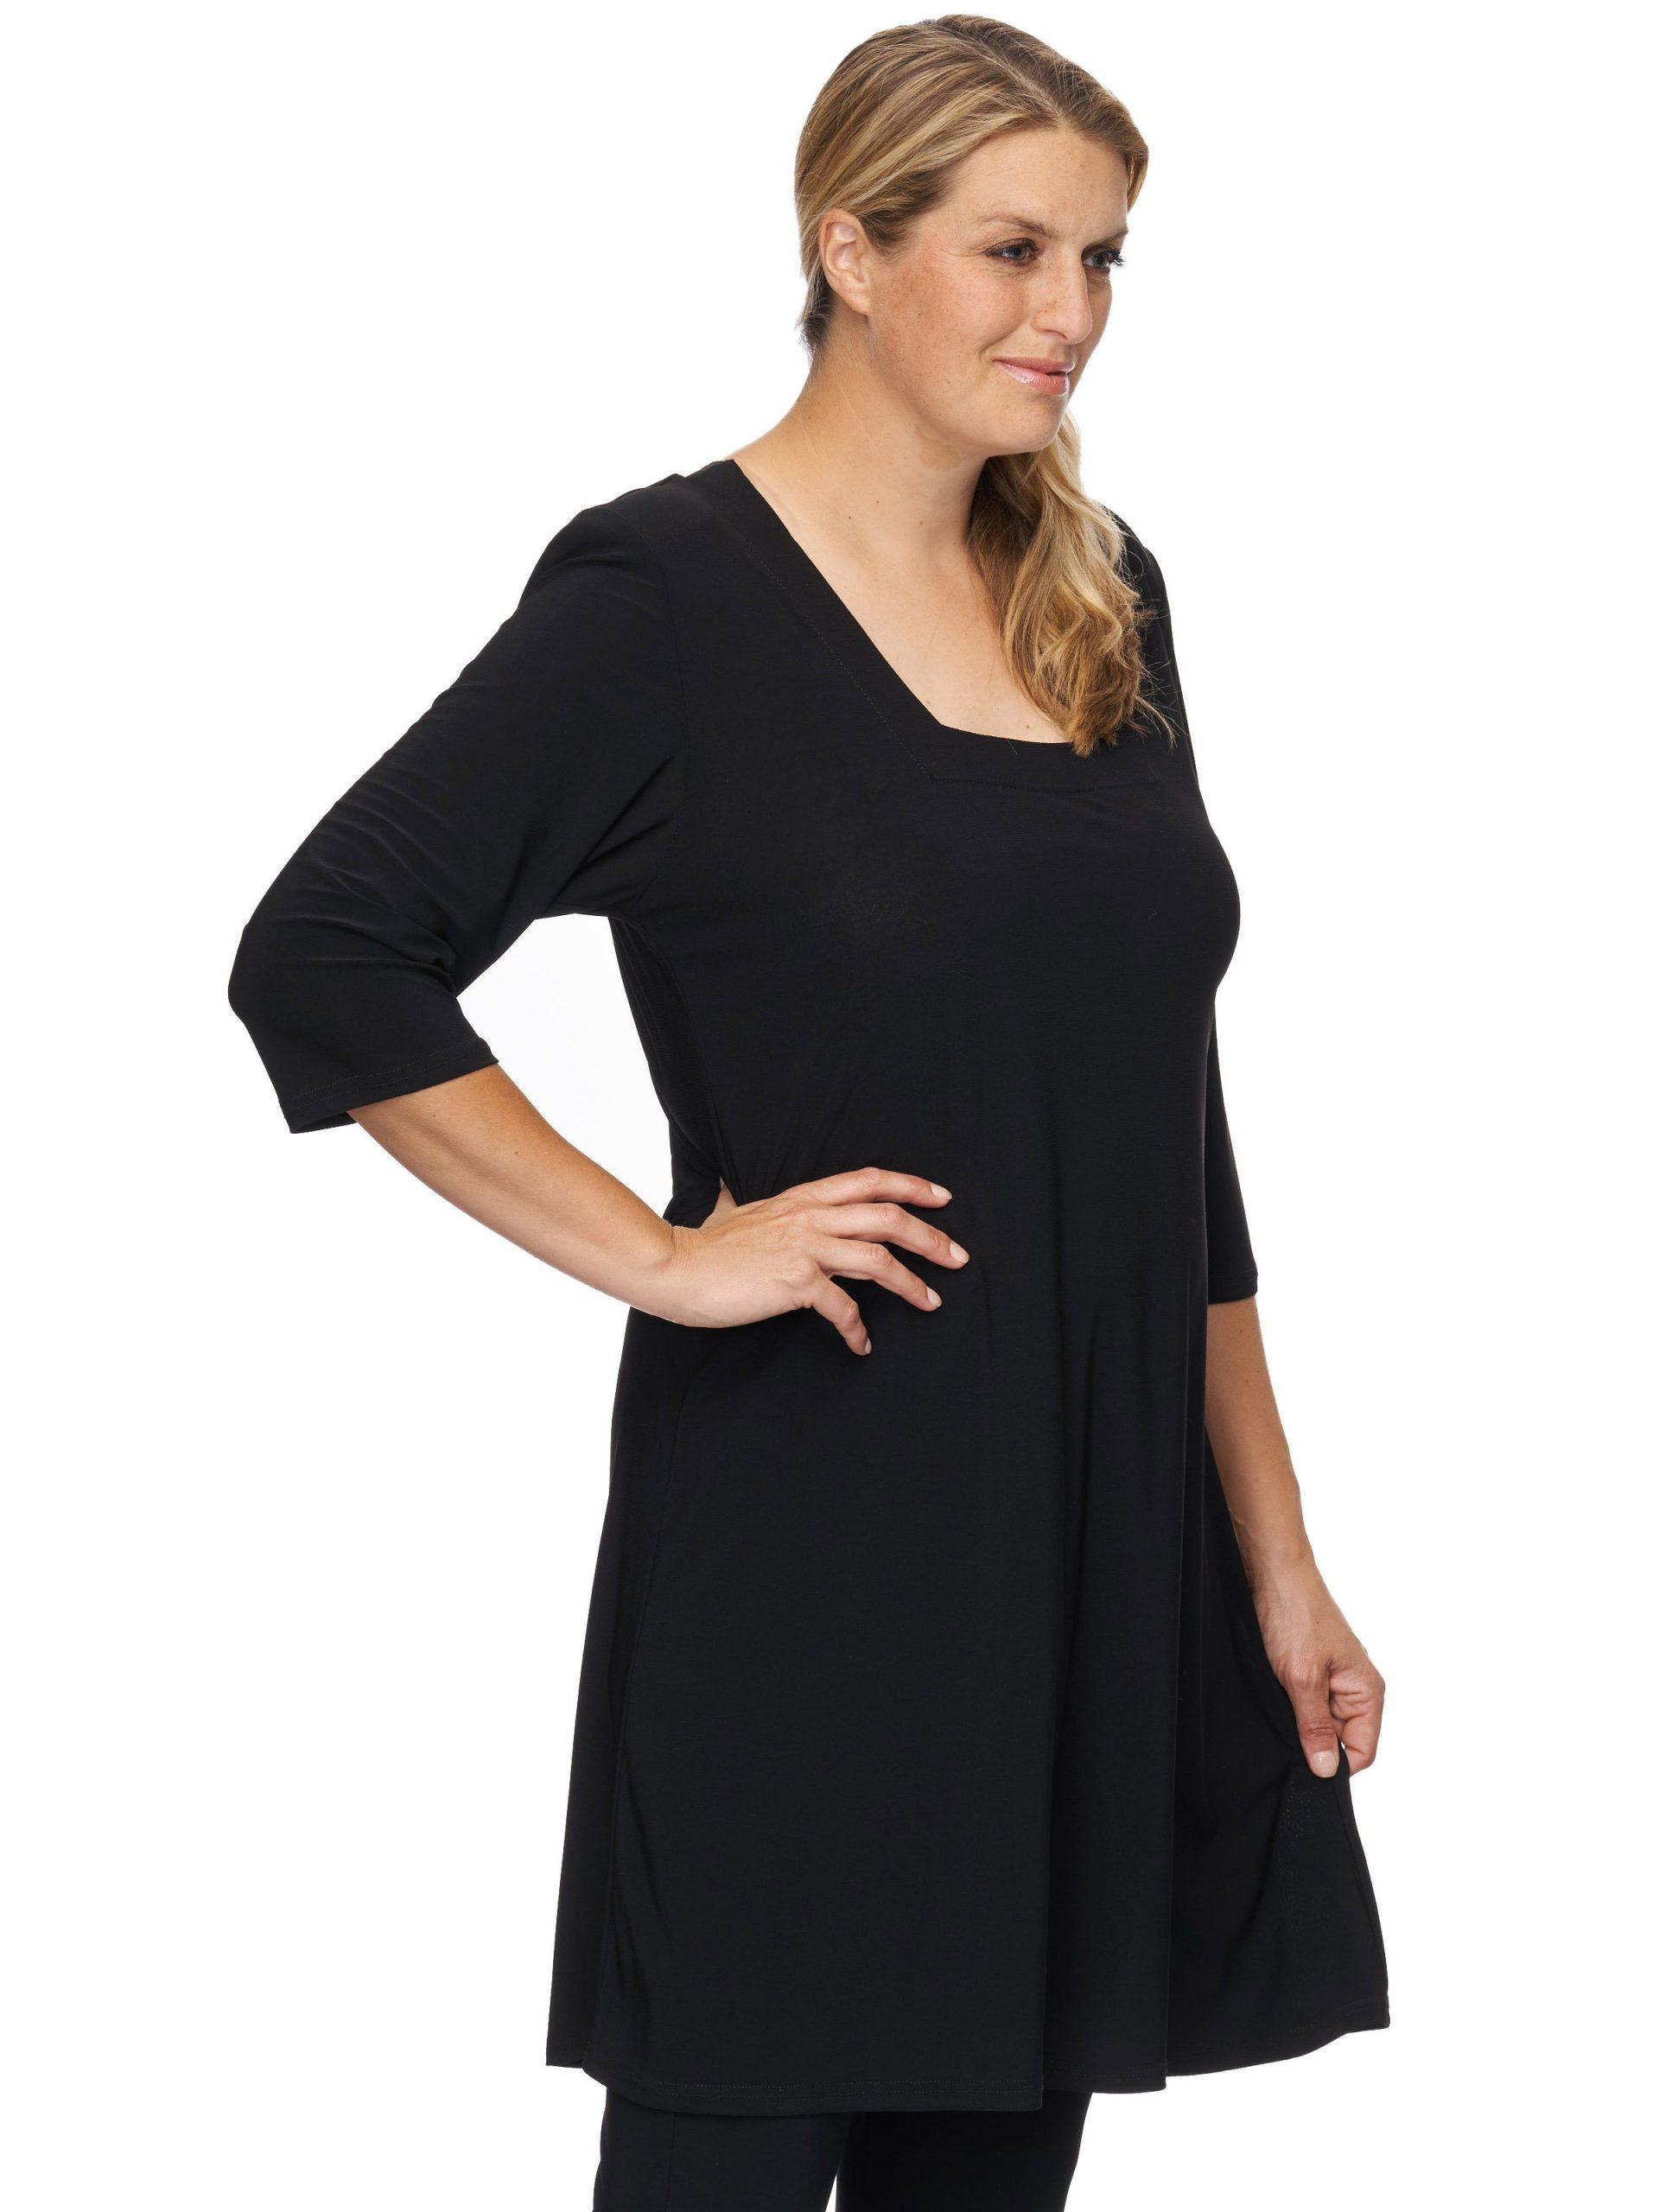 Originelles Tunika Kleid Mit Eckigem Halsausschnitt  Maltex24